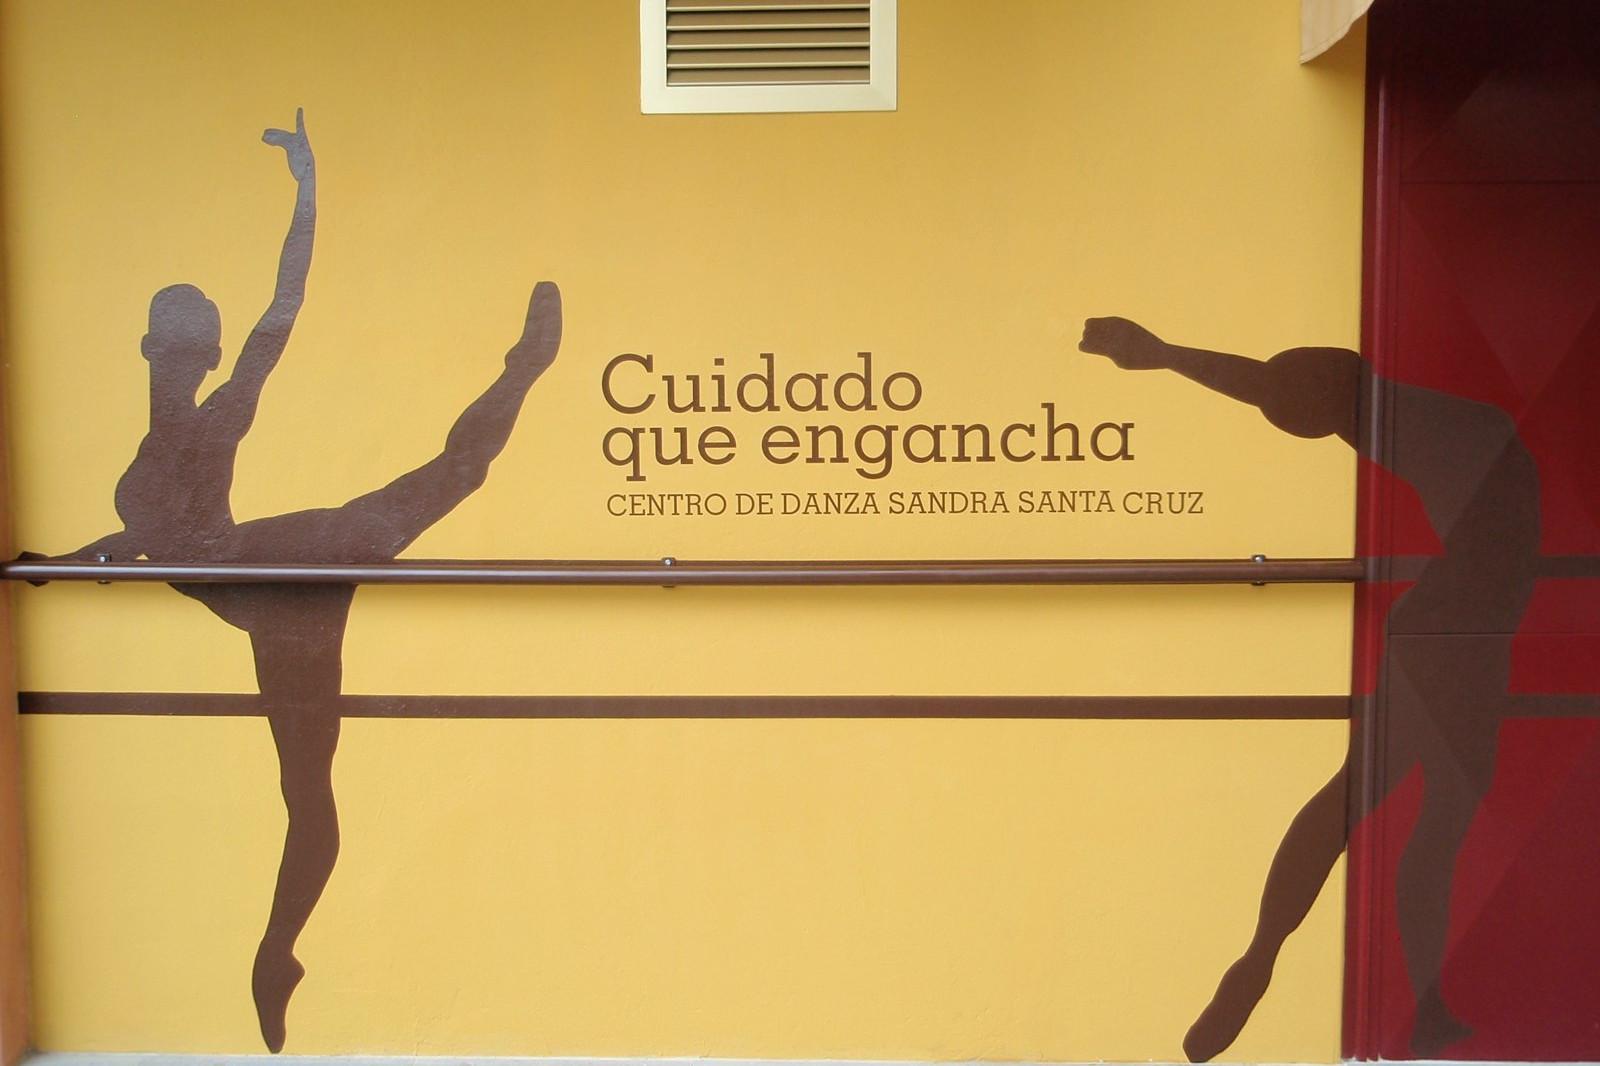 Fachada pintada a tamaño real con la silueta de tres bailarines en diferentes poses y en medio de dos se lee